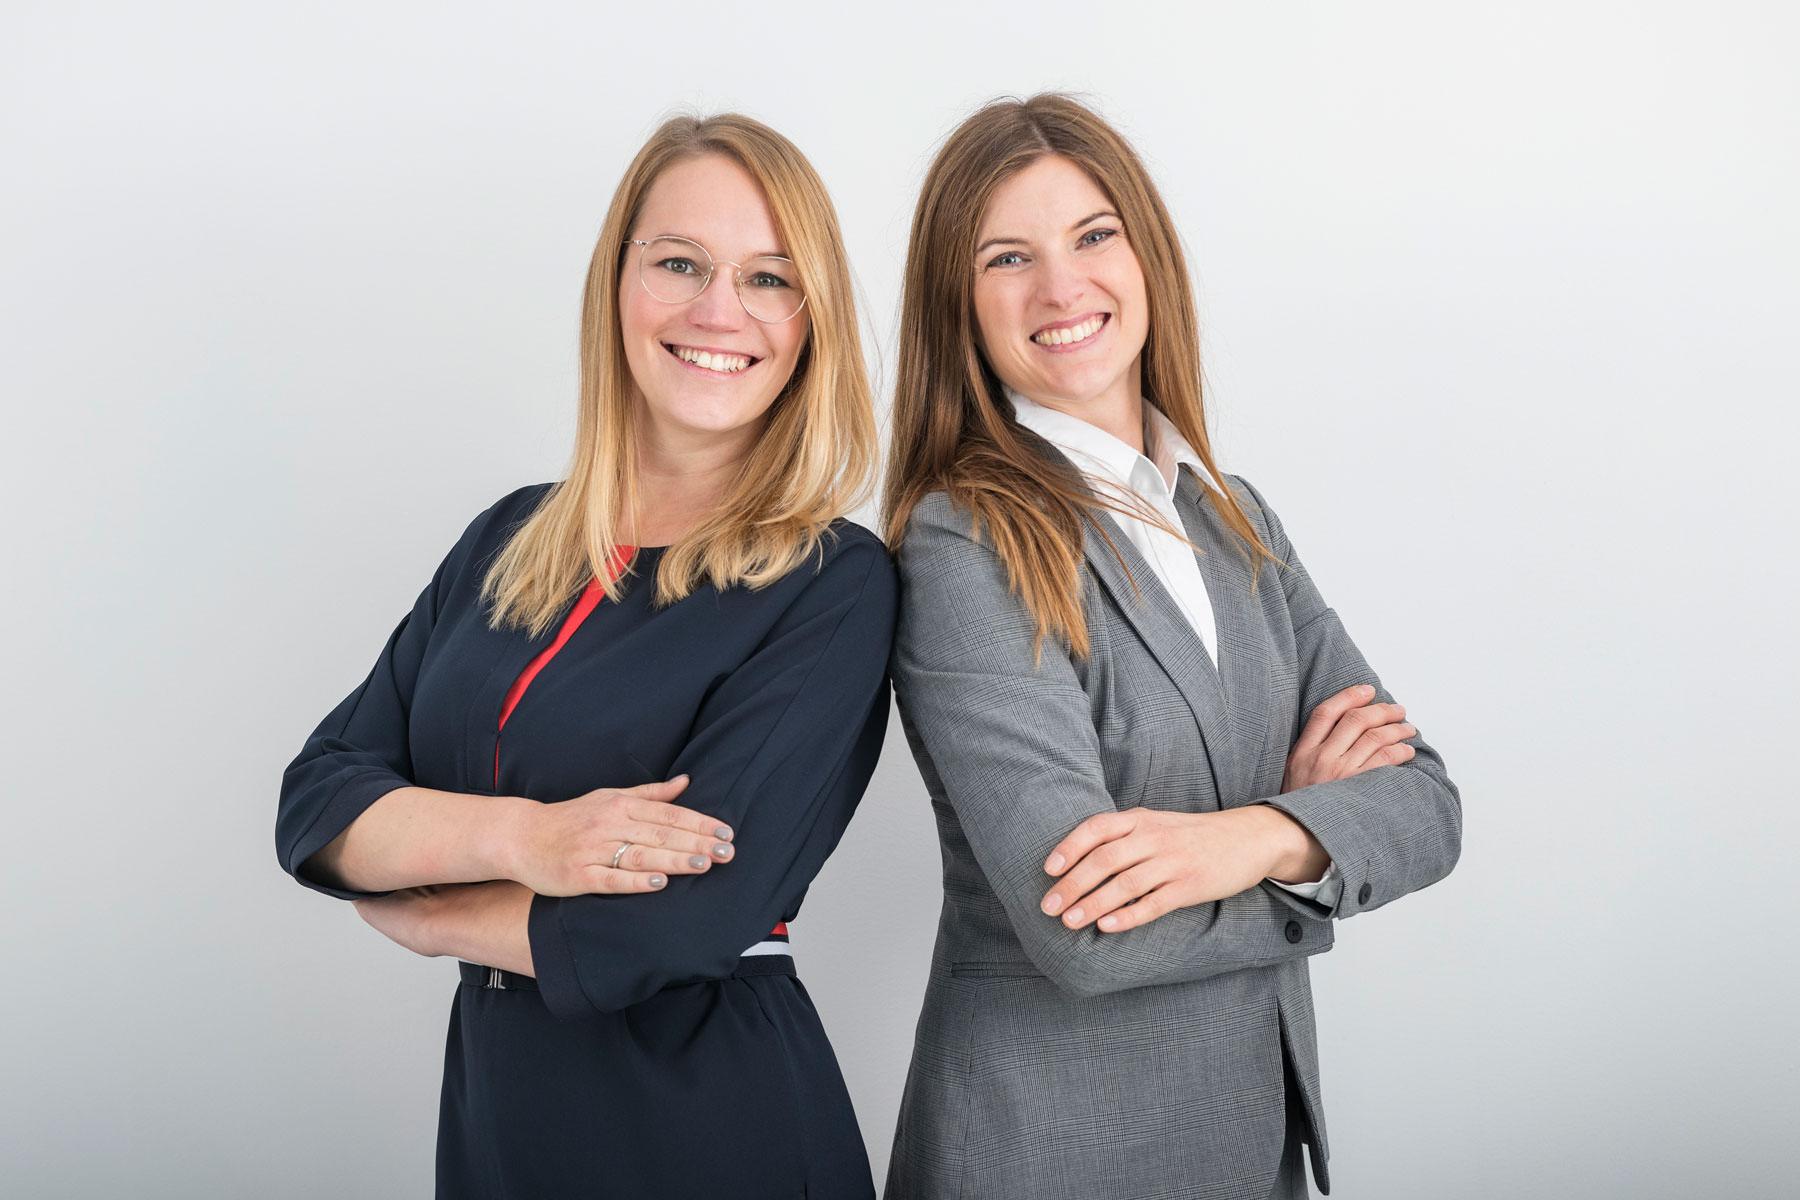 Steuerberaterinnen in Bielefeld, deine direkten Ansprechpartnerinnen und Problemlöser